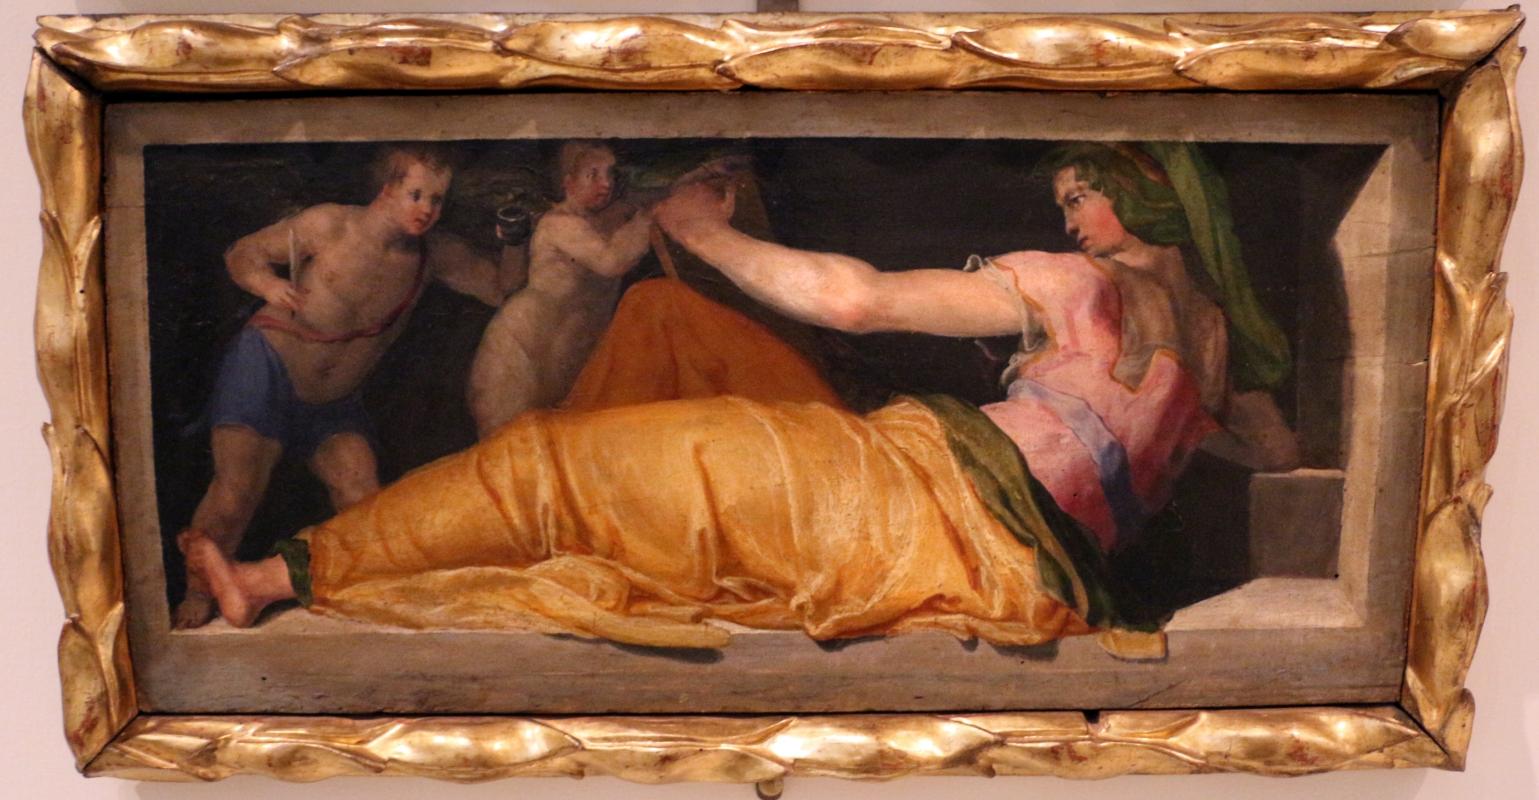 Pellegrino tibaldi (ambito), sibille con due amorini, 1550-55 ca., dai ss. narborre e felice, 02 - Sailko - Bologna (BO)